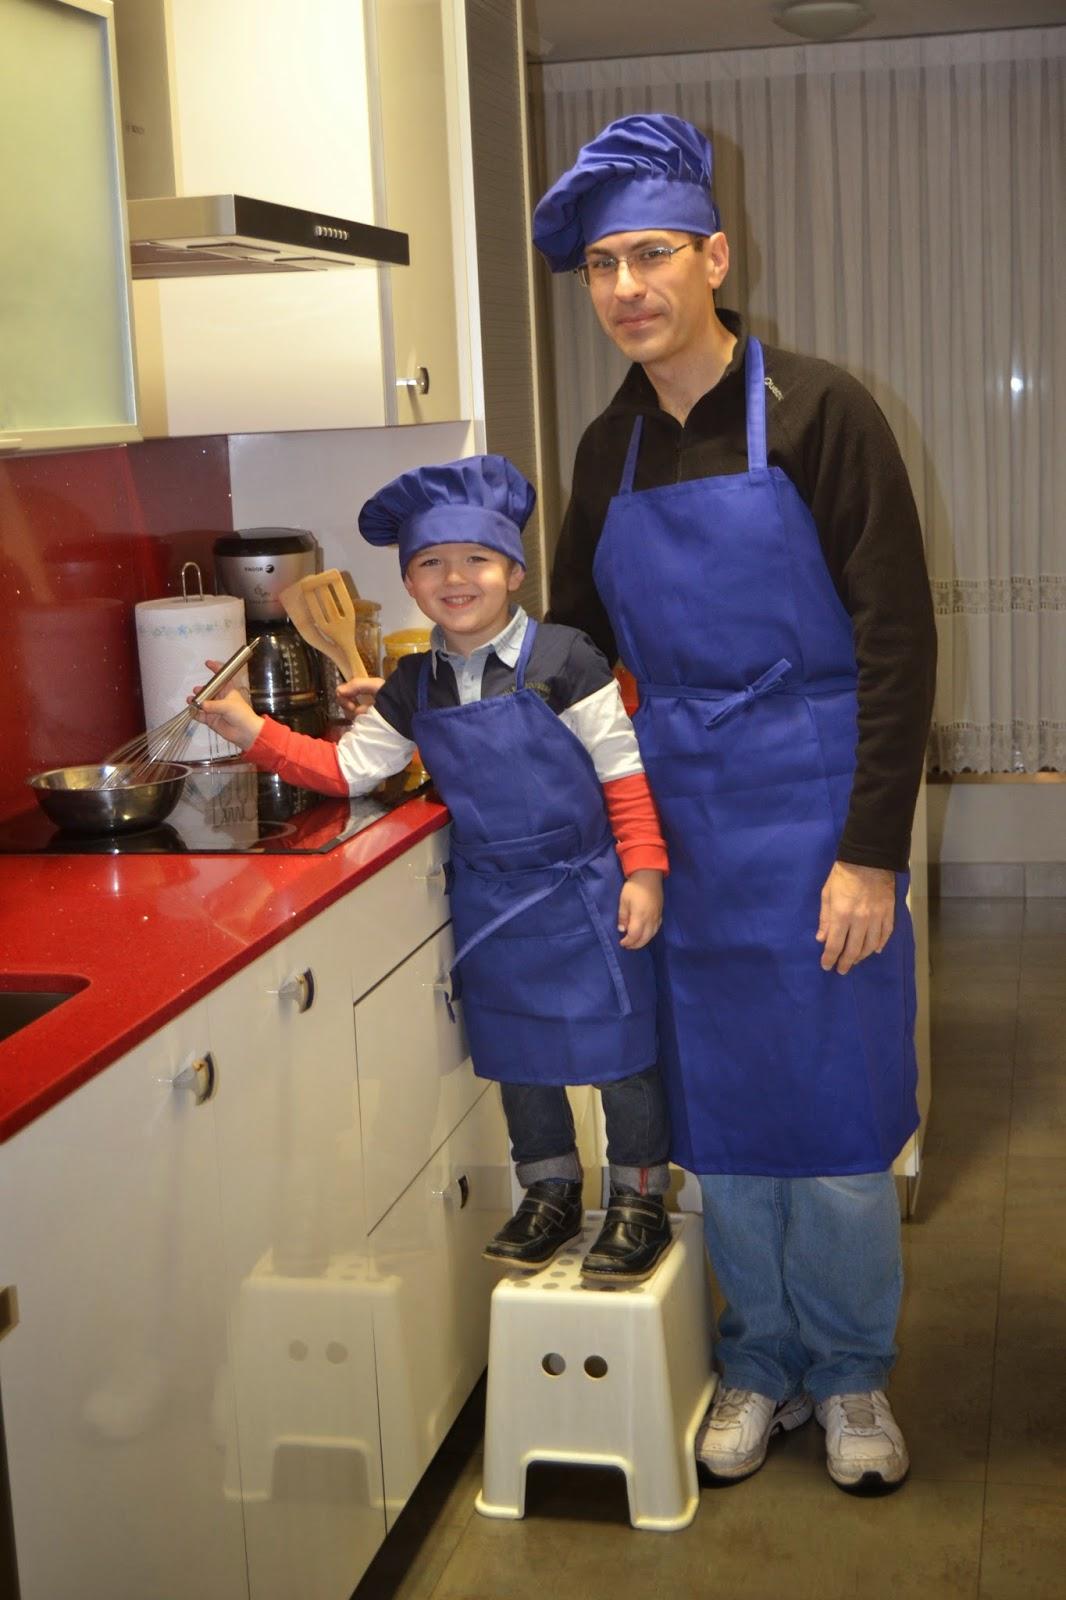 Vestuario laboral bilresa cocina en familia for Cocina en familia